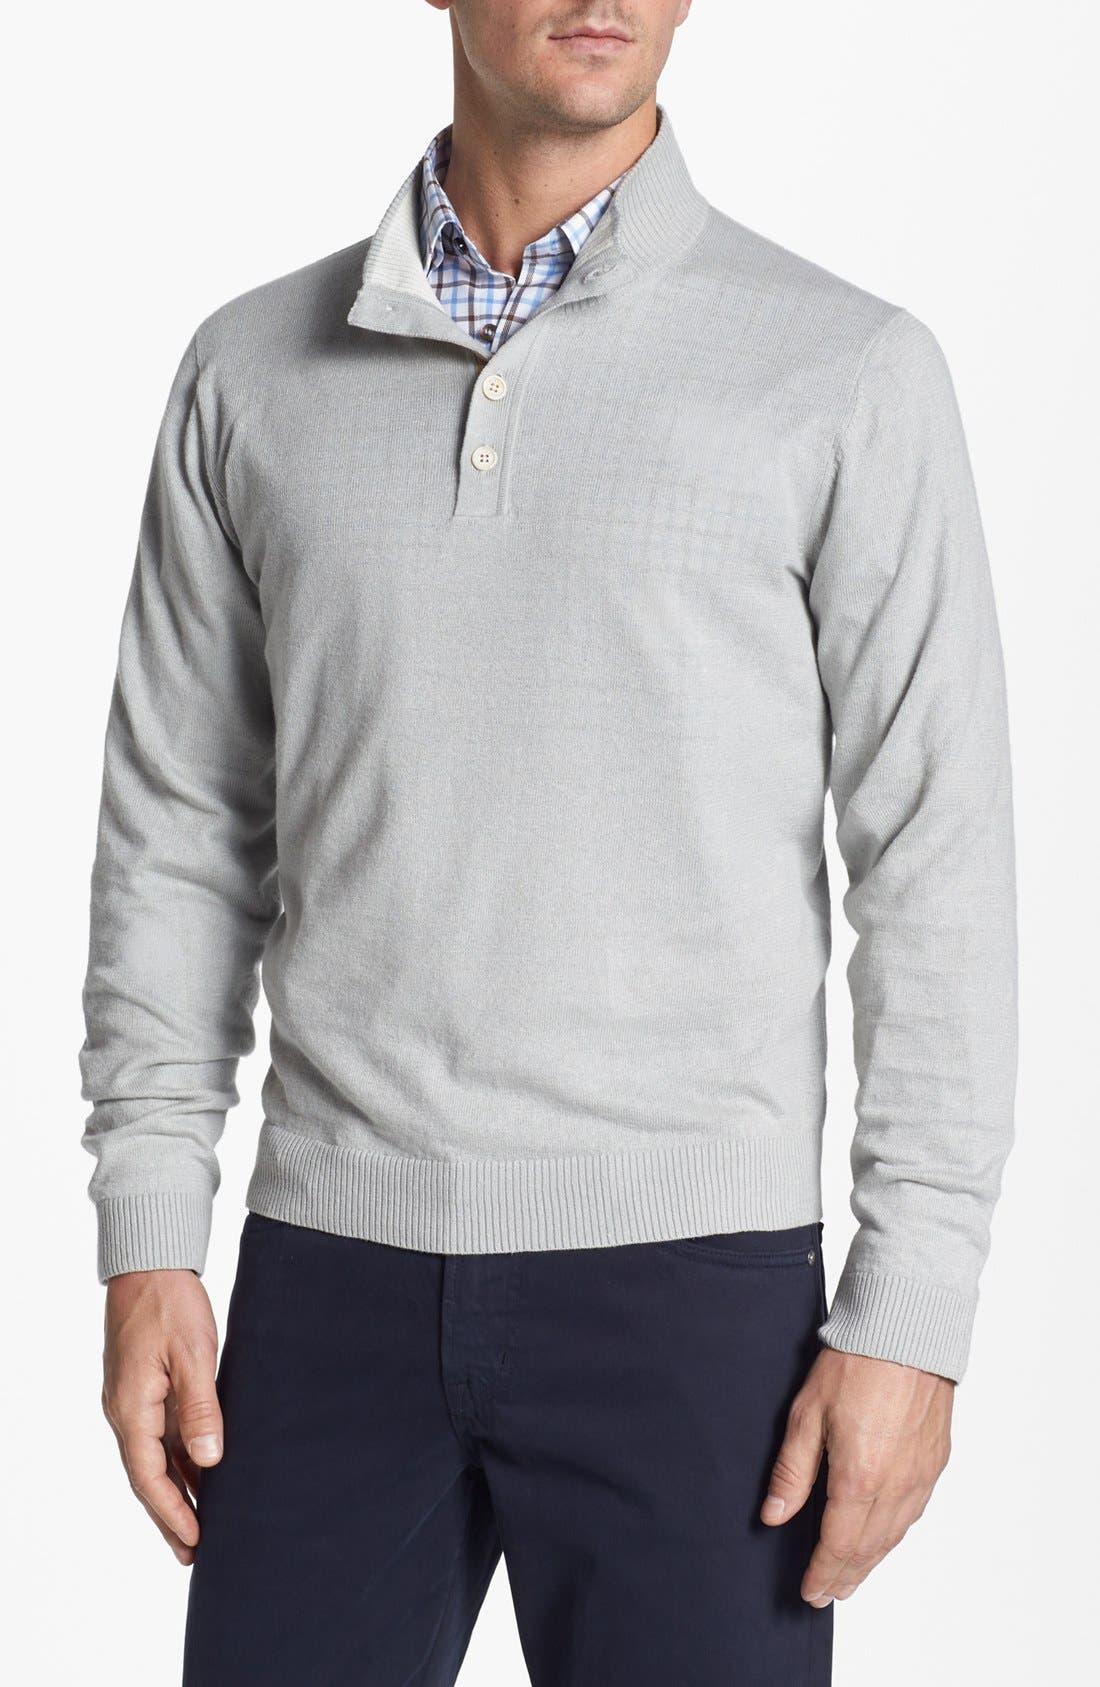 Alternate Image 1 Selected - Robert Talbott Mock Neck Linen Blend Sweater